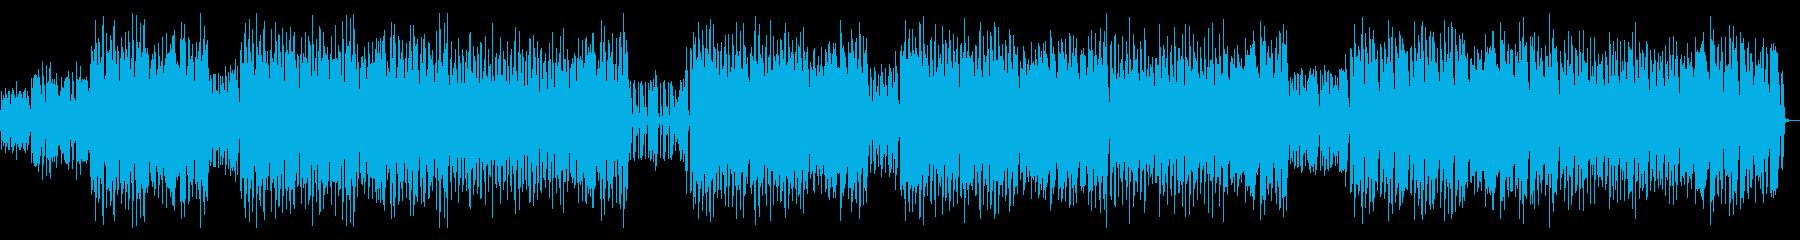 聞くだけで心が躍るケルト音楽の再生済みの波形